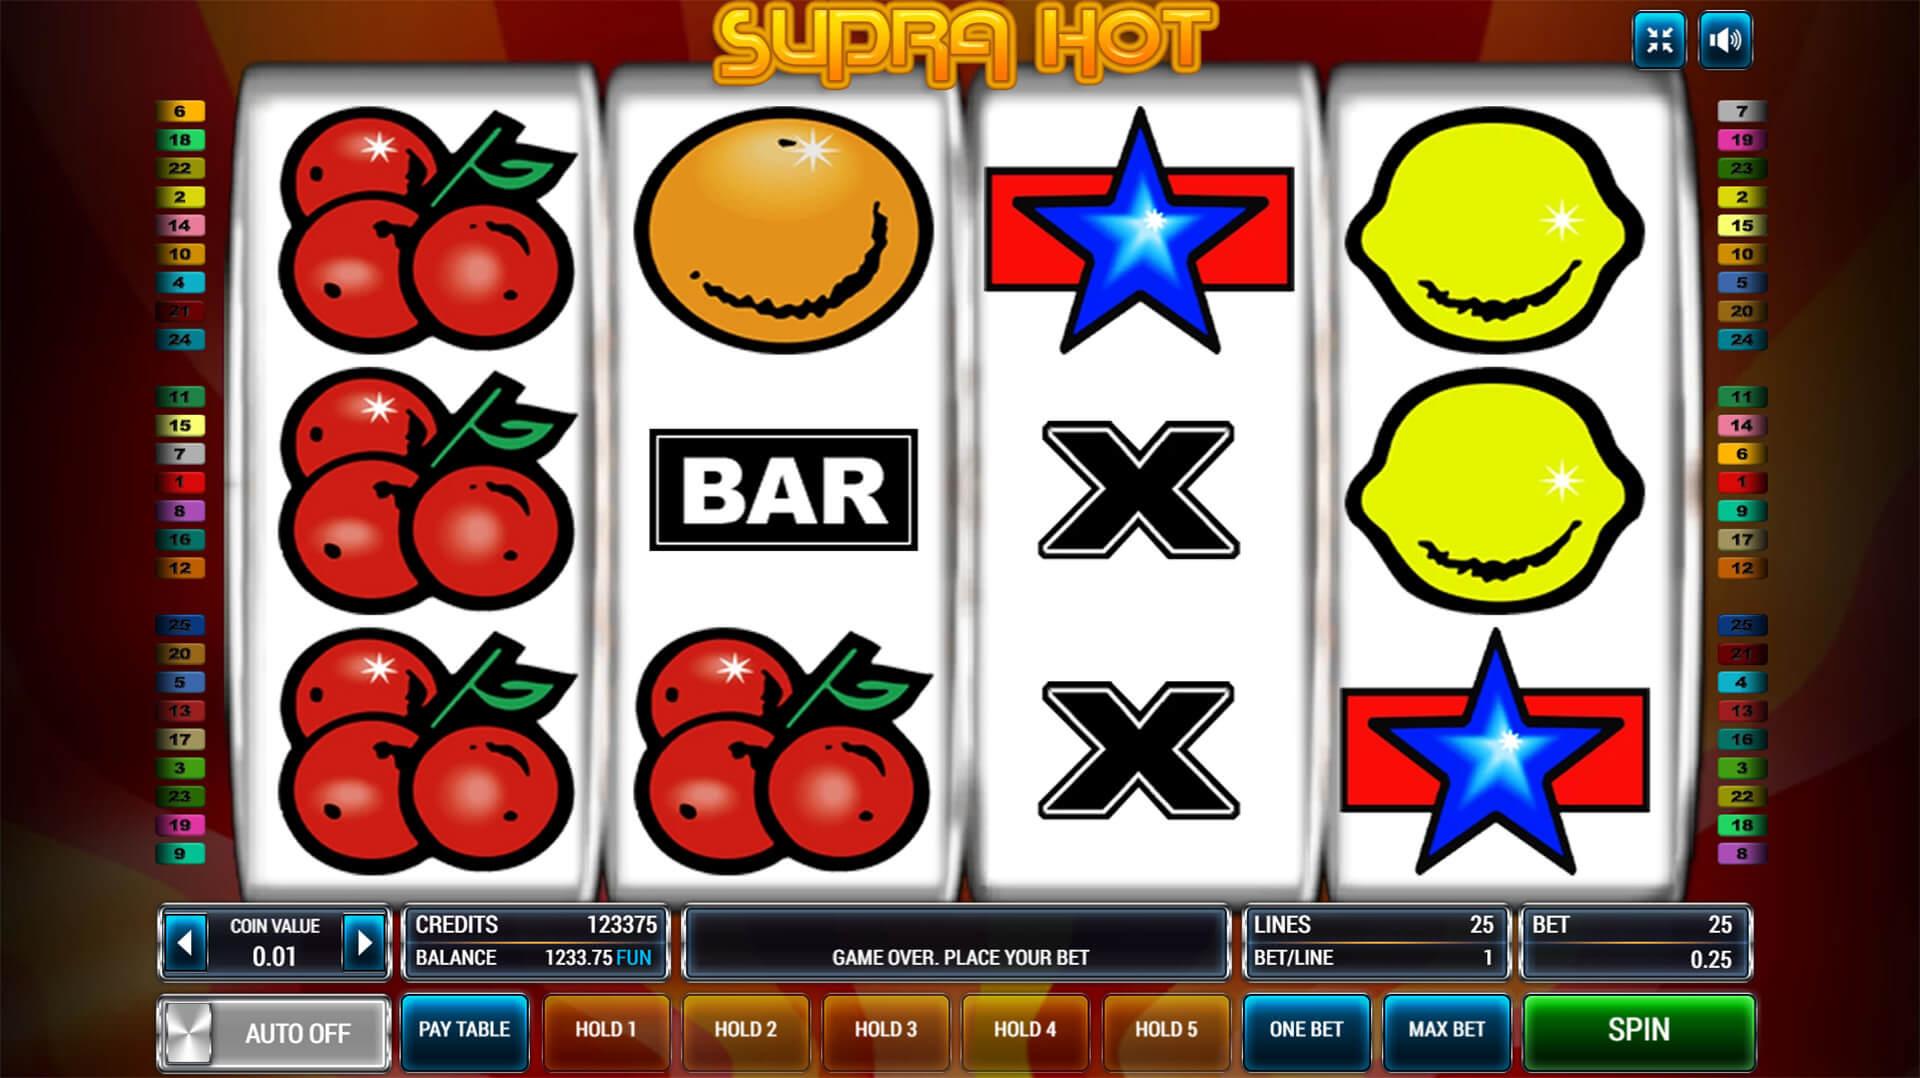 Изображение игрового автомата Supra Hot 2